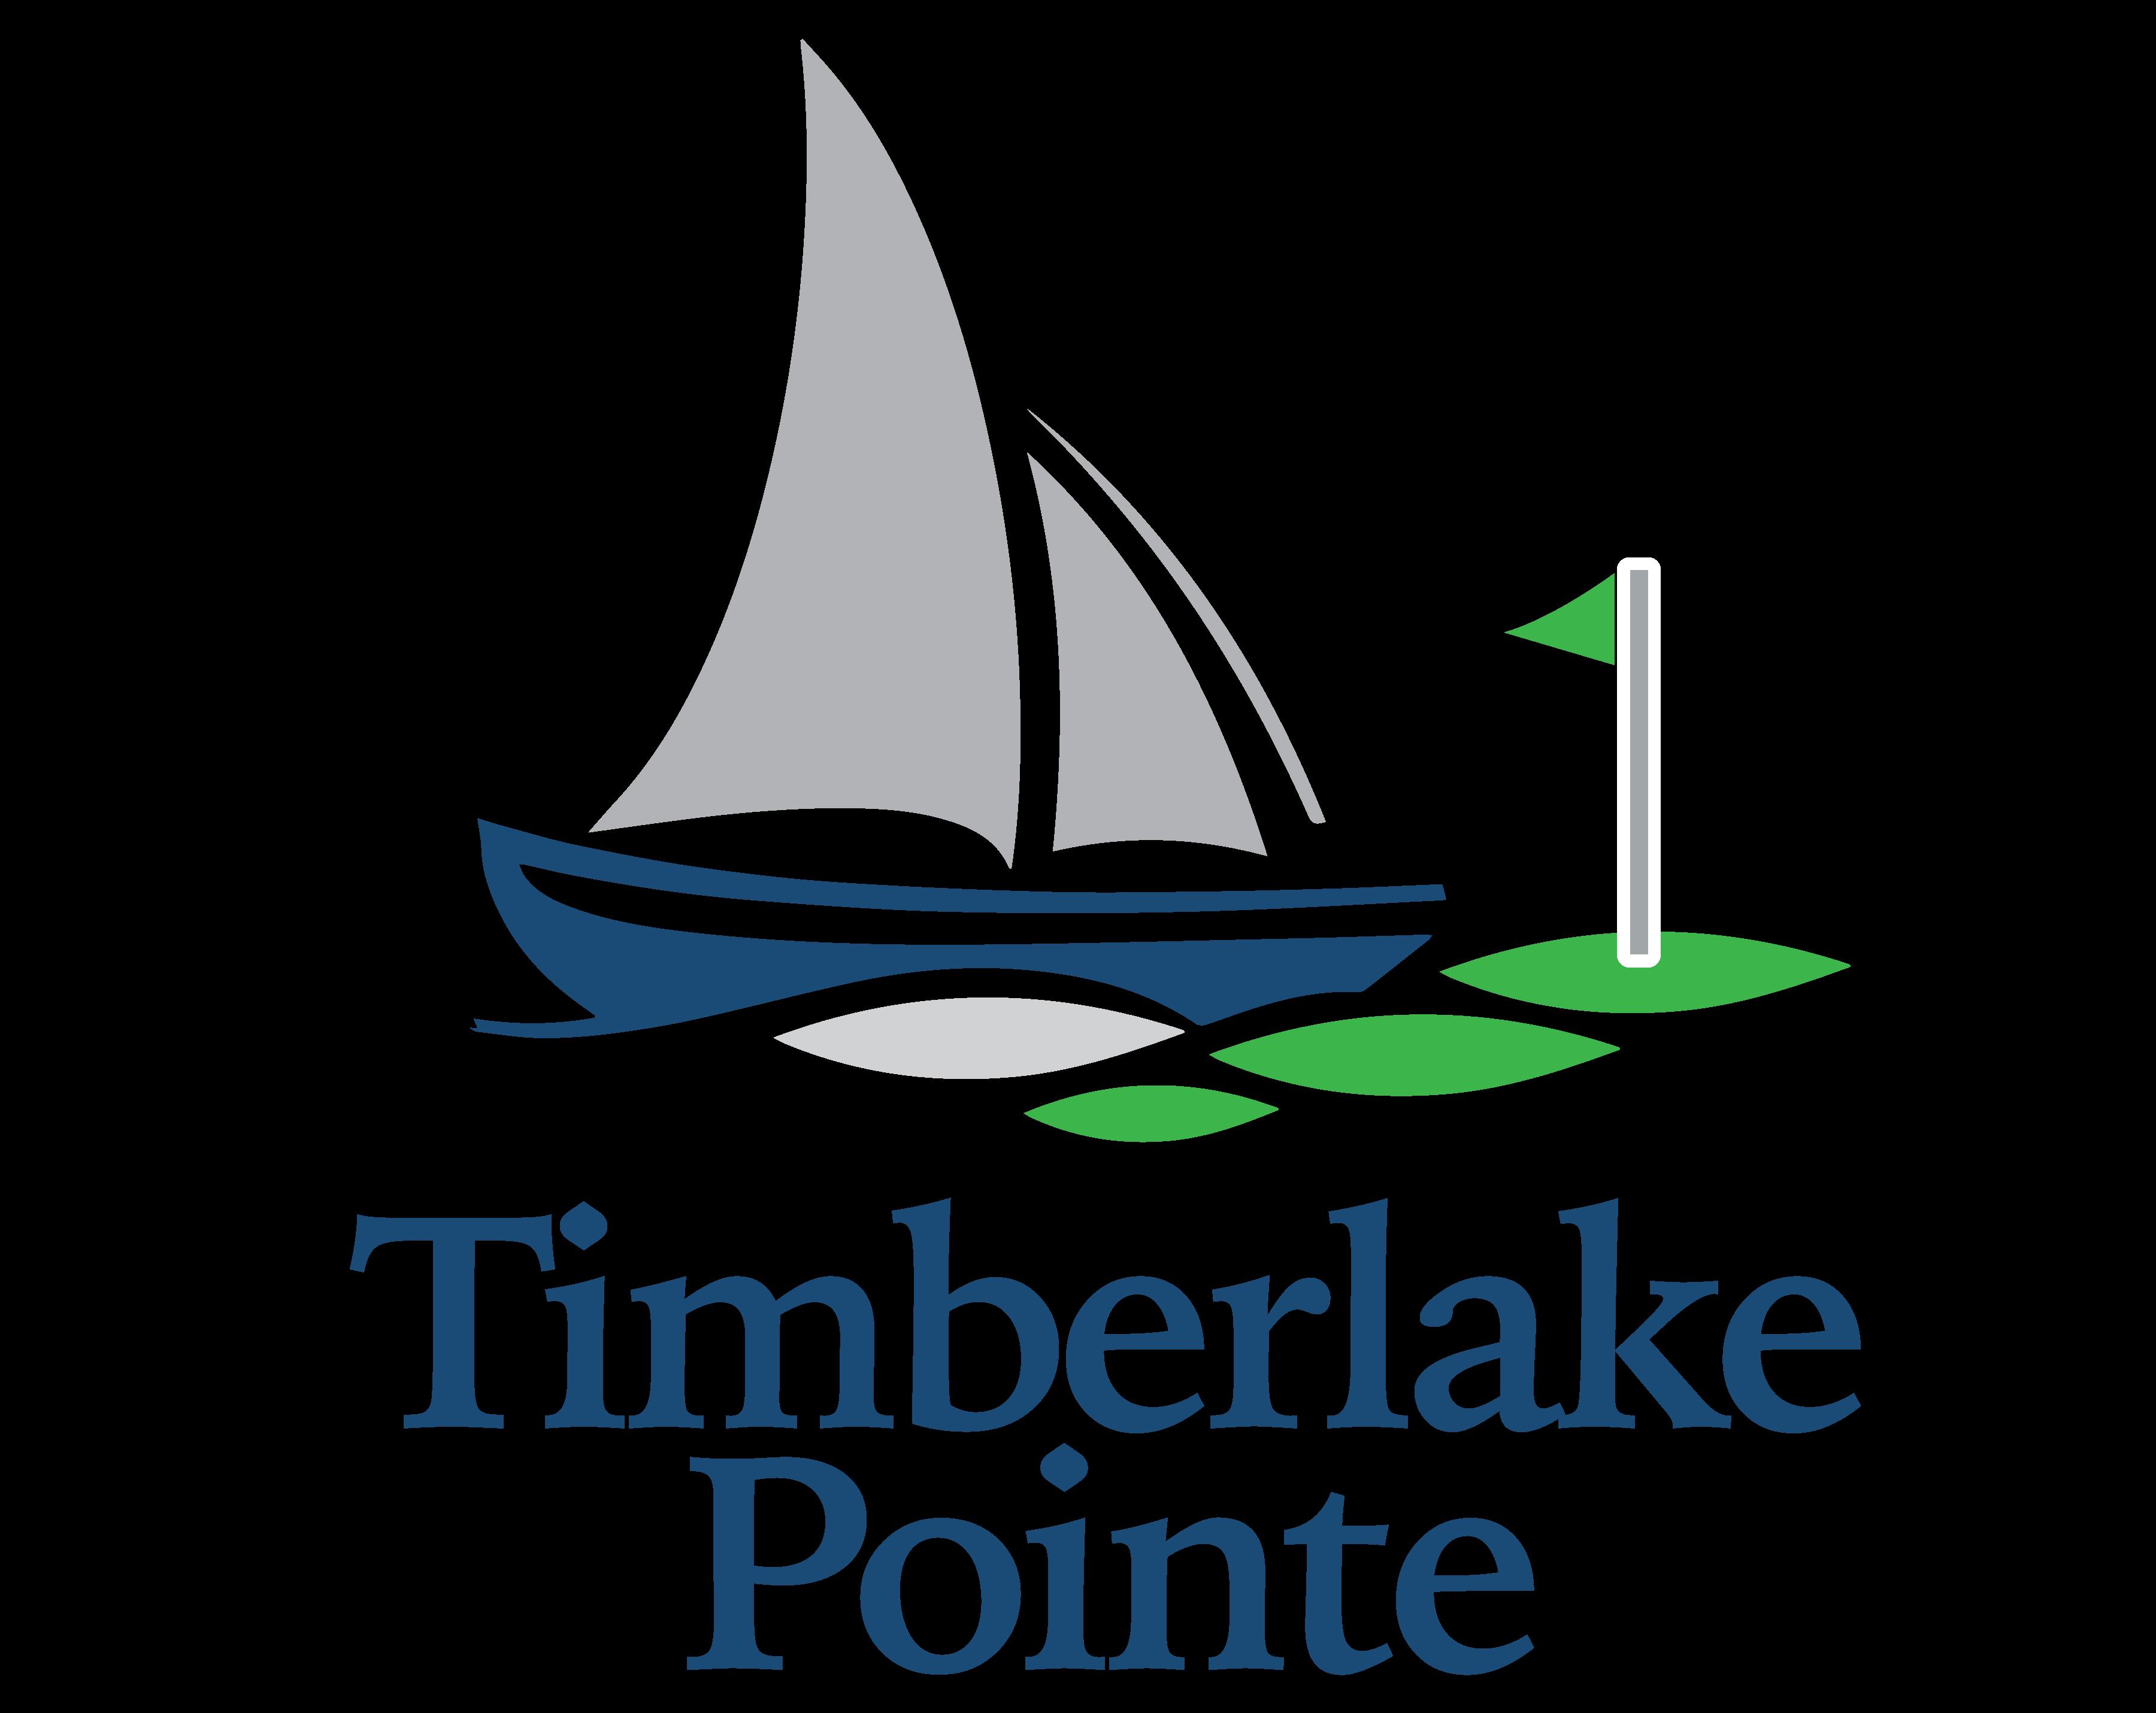 Timberlake Pointe